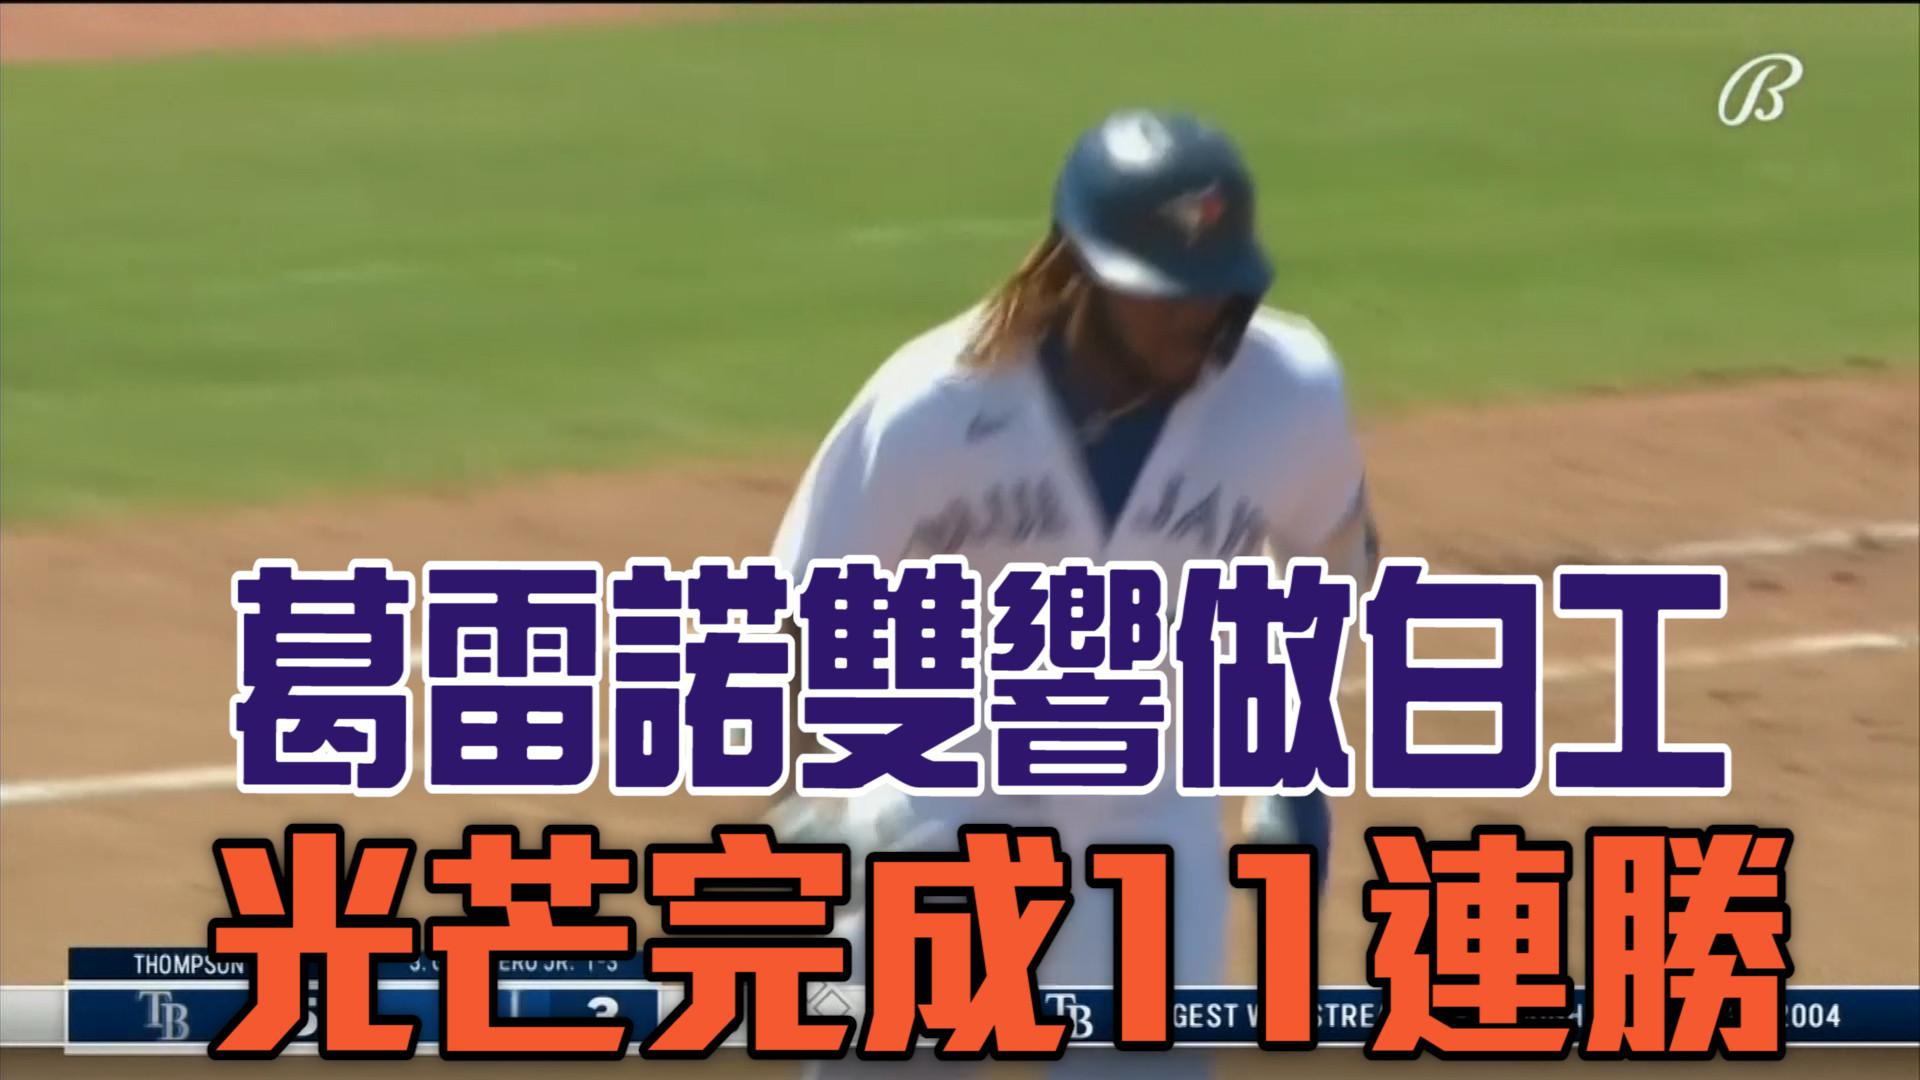 【MLB看愛爾達】延長賽7分定勝負 光芒進帳11連勝 05/25